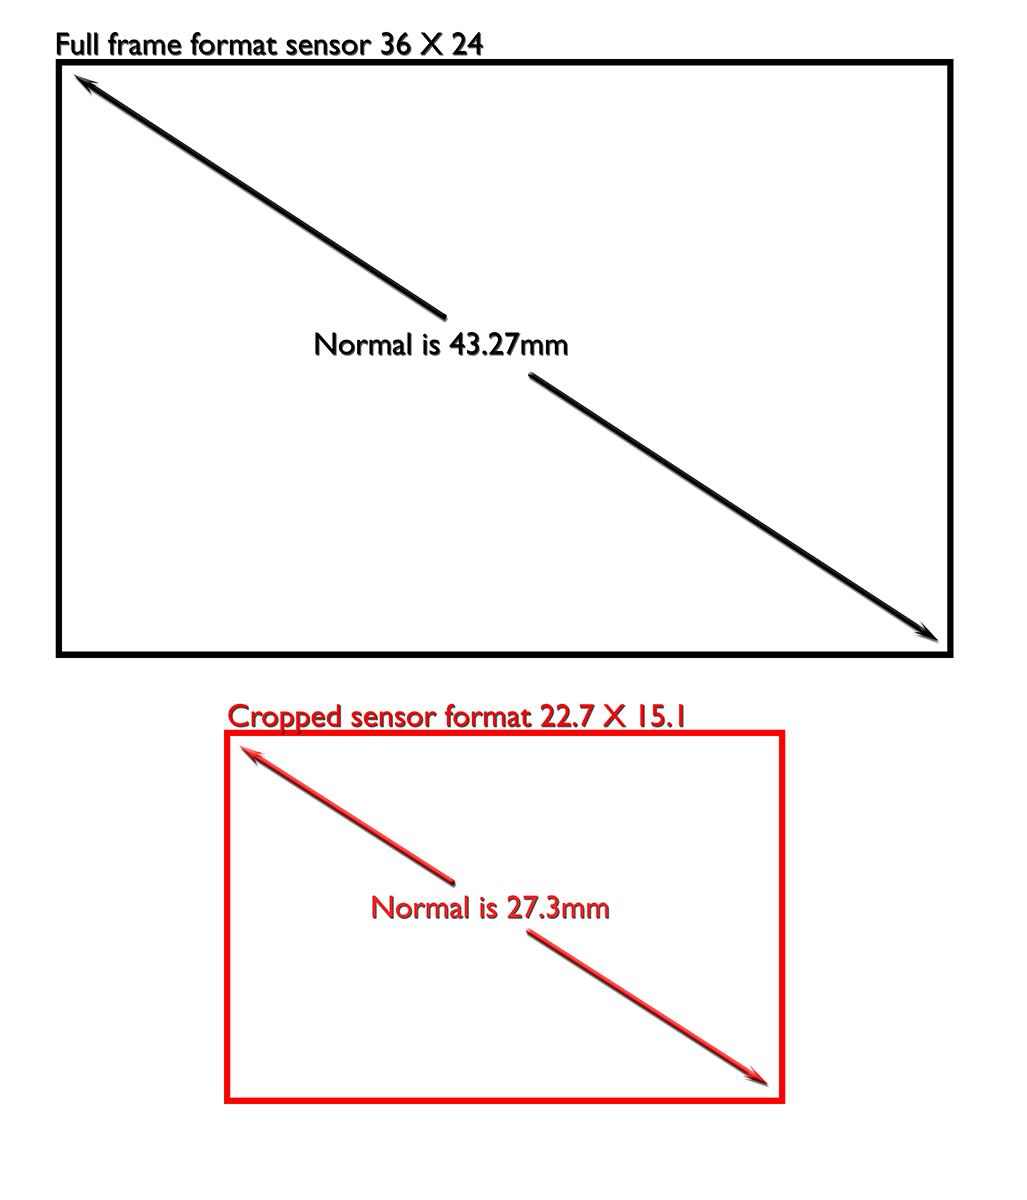 Normal lenses